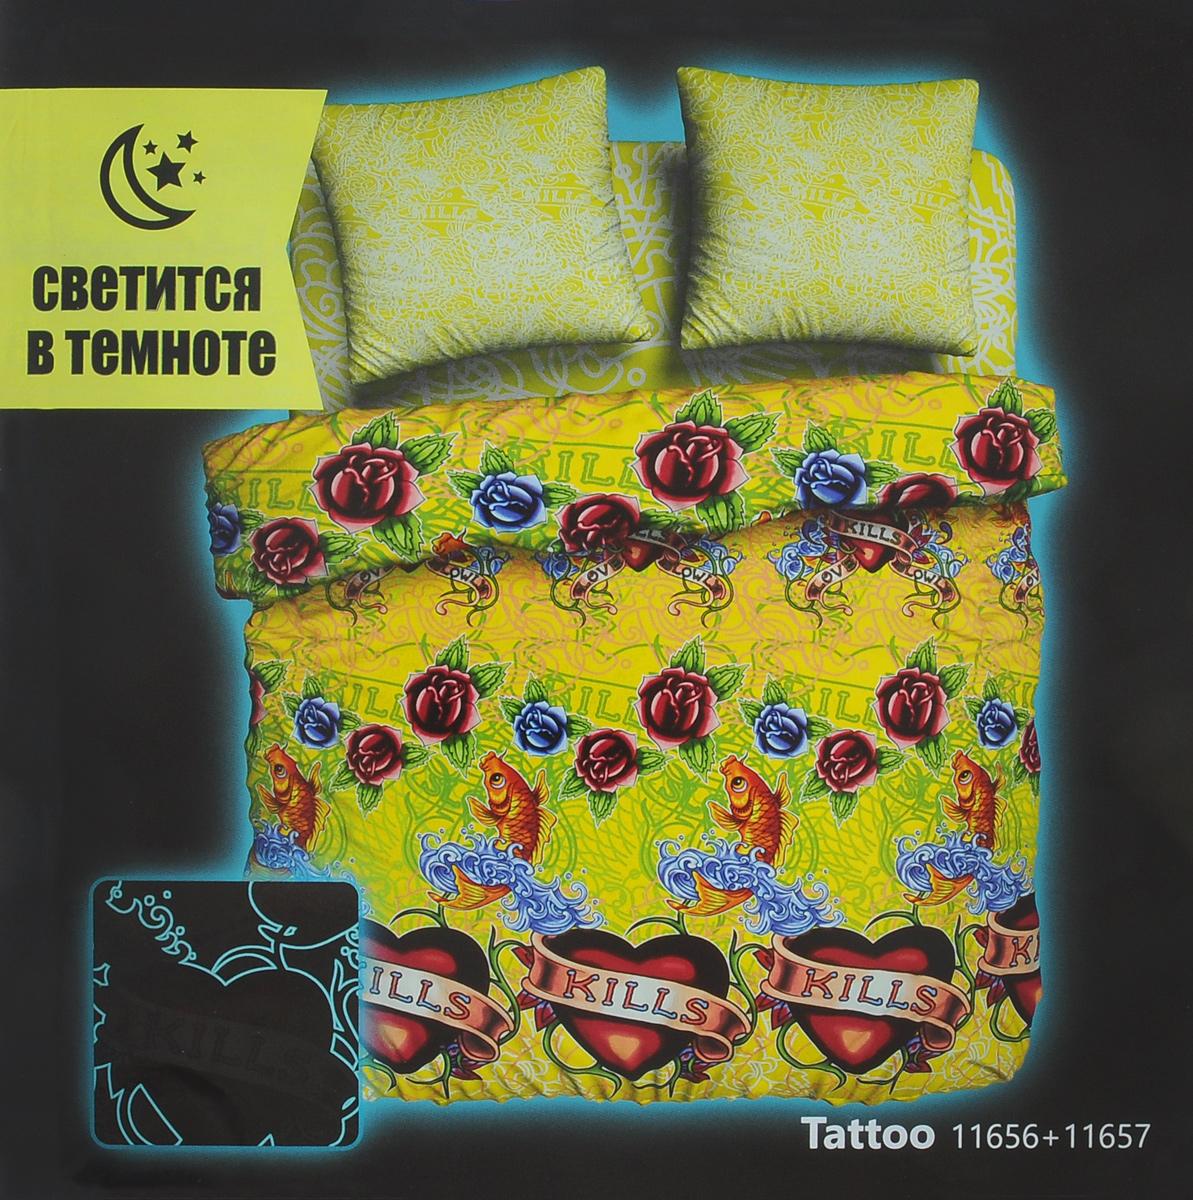 Комплект белья Unison Tattoo, 1,5-спальный, наволочки 70х70, цвет: лимонный, салатовый, малиновый. 268373K100Оригинальный комплект постельного белья Unison Tattoo из серии Neon Collection выполнен из биоматина, натуральной 100% хлопковой ткани, которая имеет свойство, светится в темноте. Постельное белье светится в темноте без помощи ультрафиолета. Заряжается комплект от любого источника света, что позволяет святиться в темноте продолжительное время. Комплект оформлен оригинальным рисунком, который имеет потенциал свечения до 8 часов с эффектом угасания. Ткань приятная на ощупь, при этом она прочная, хорошо сохраняет форму и легко гладится. Комплект состоит из пододеяльника, простыни и двух наволочек. Используемые красители безопасны для человека и животных. Благодаря такому комплекту постельного белья вы создадите неповторимую атмосферу в вашей спальне. Рекомендуется стирать в стиральной машине в мешке в режиме деликатной стирки, при температуре до +40°C, предварительно вывернув комплект наизнанку.